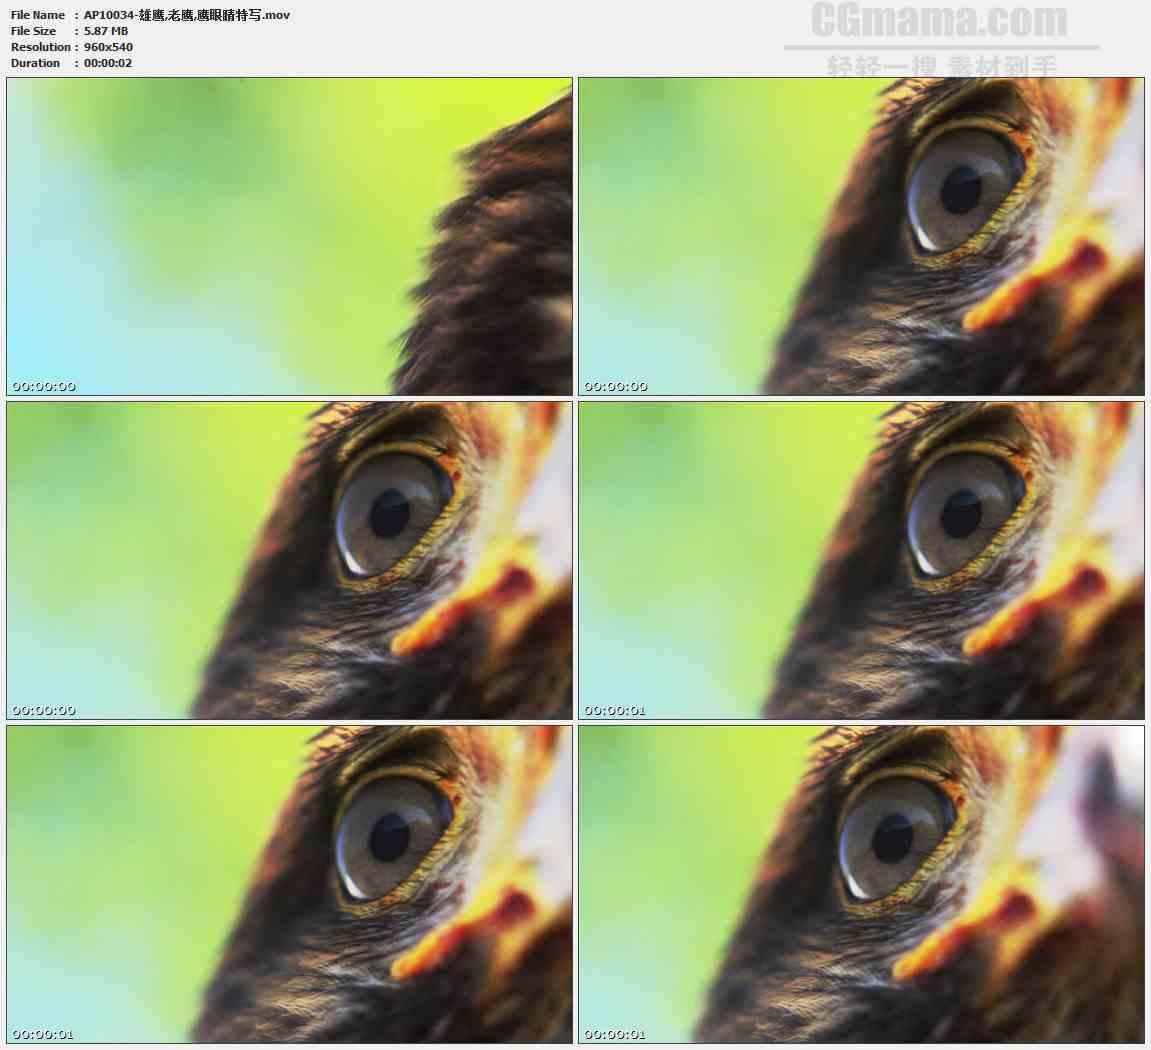 AP10034-老鹰鹰眼特写高清实拍视频素材